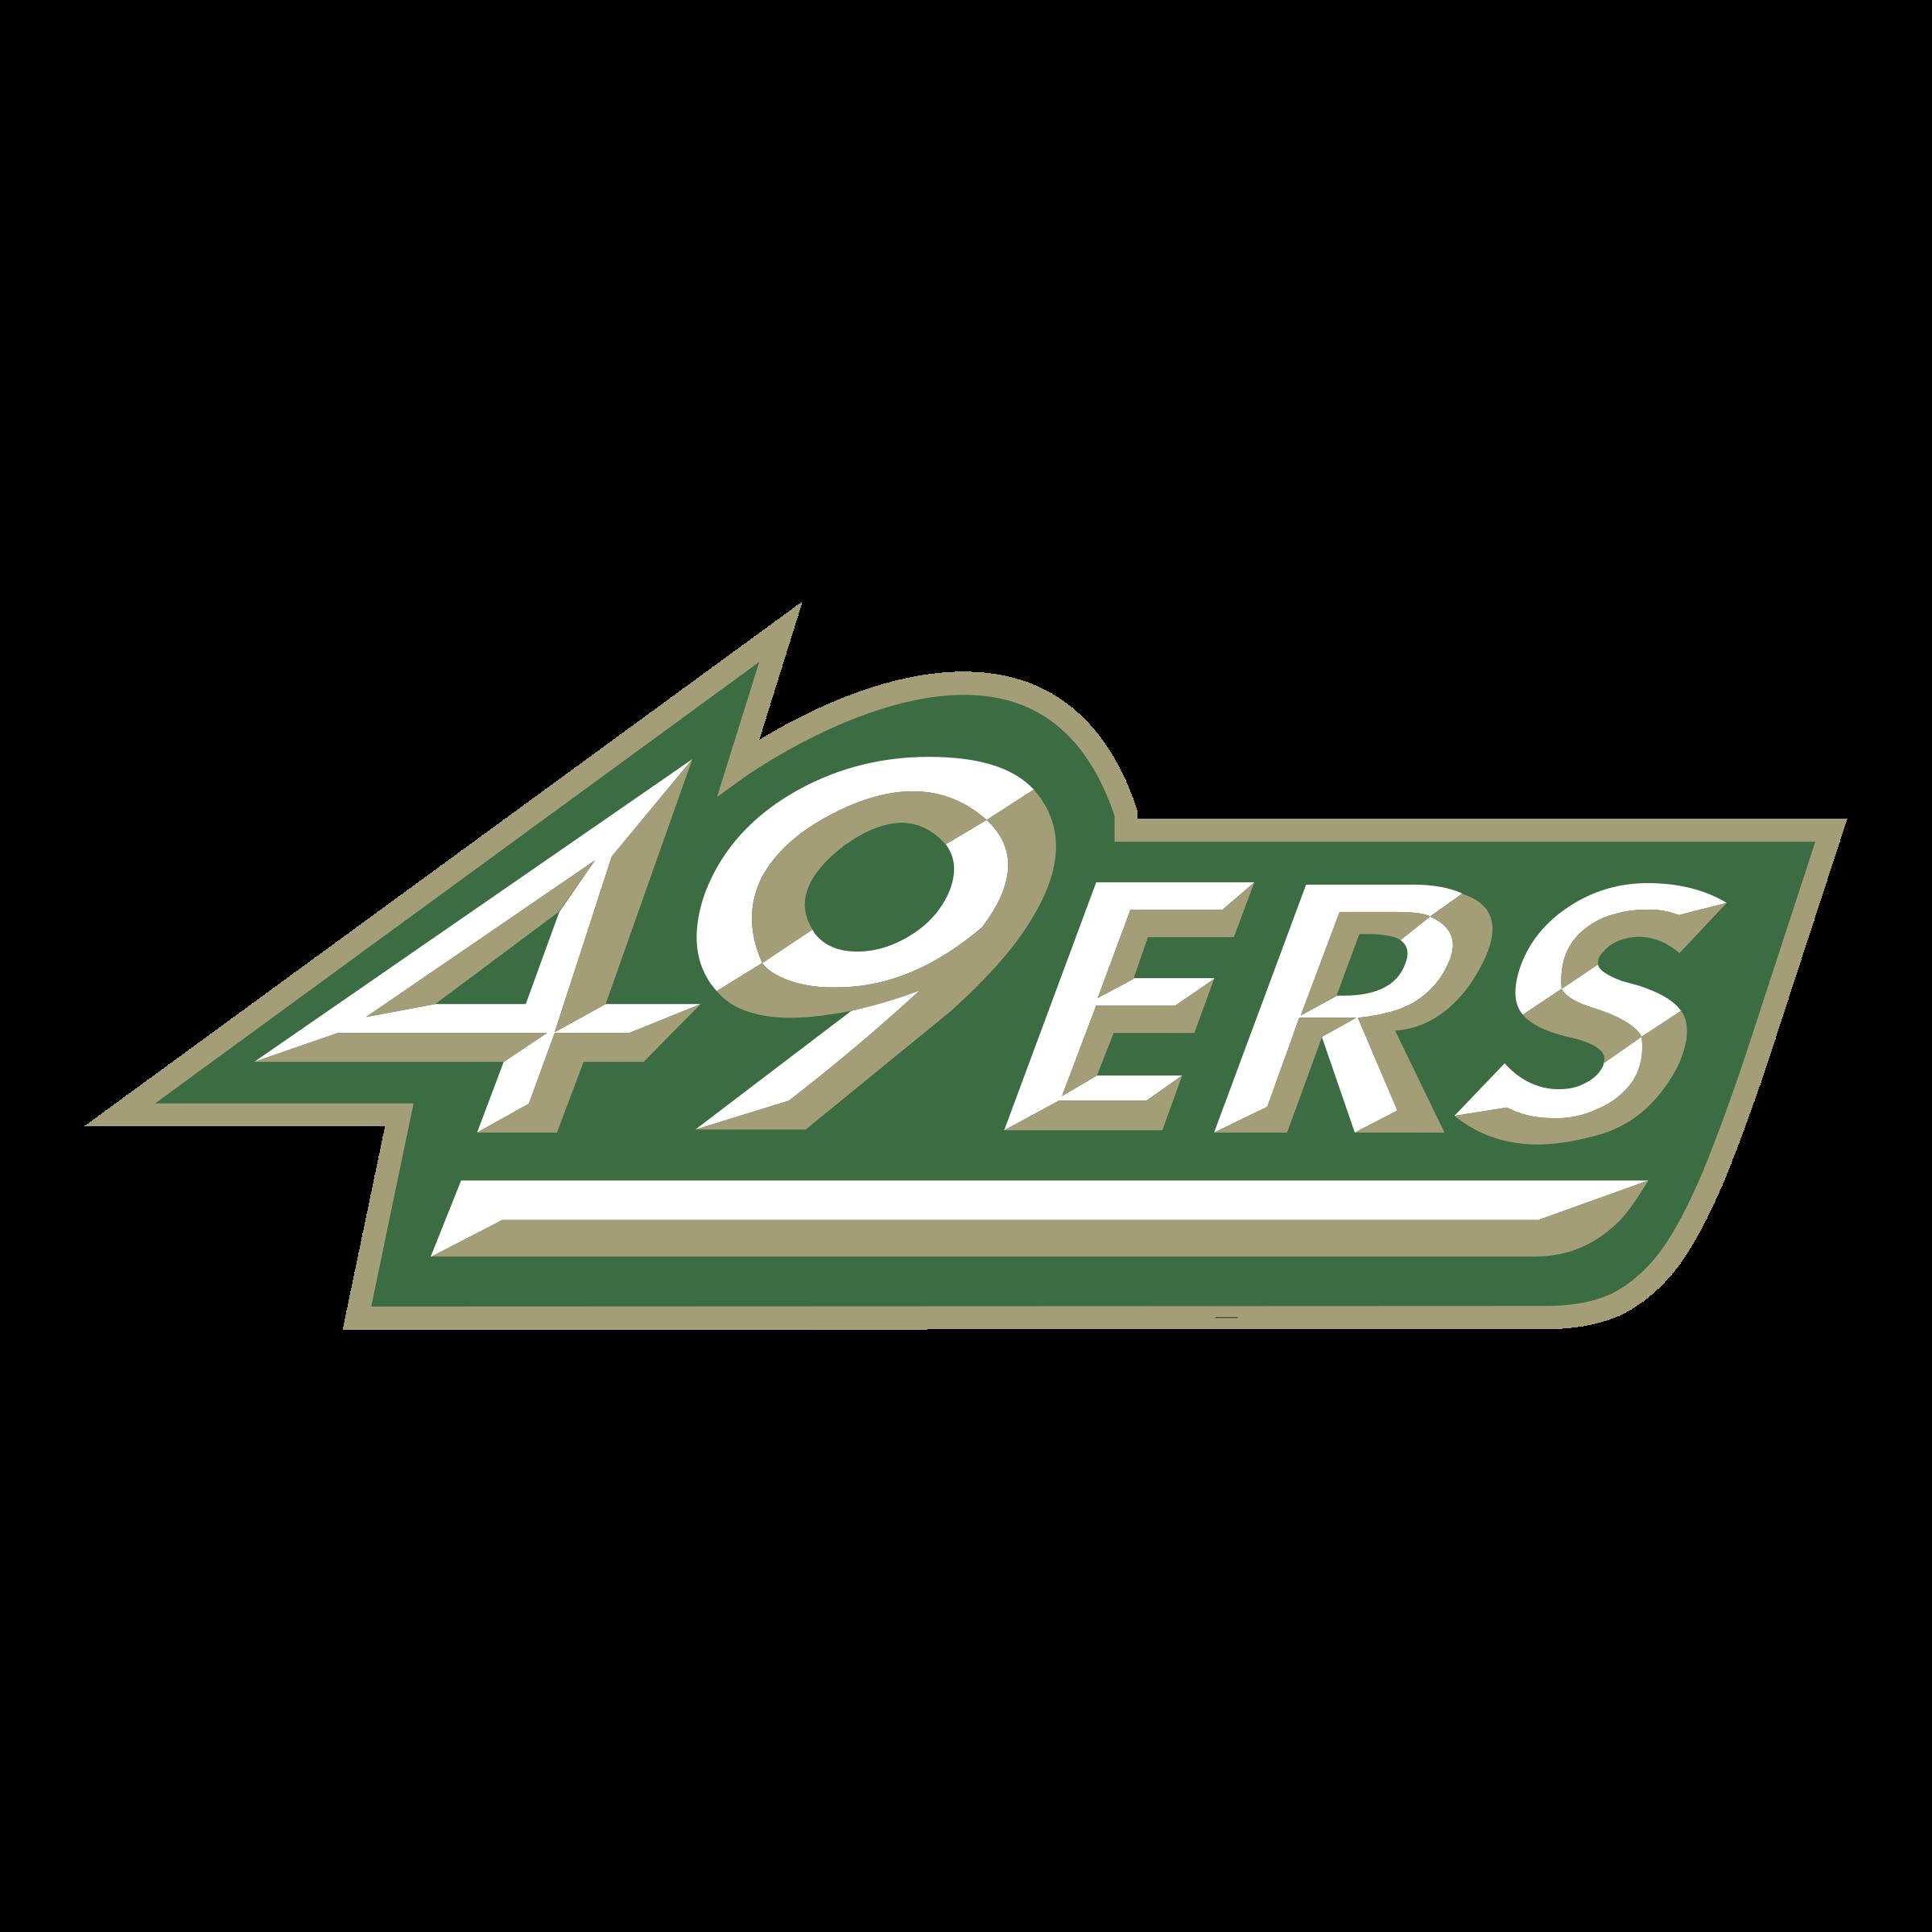 Charlotte 49ers Logo PNG Transparent & SVG Vector ...